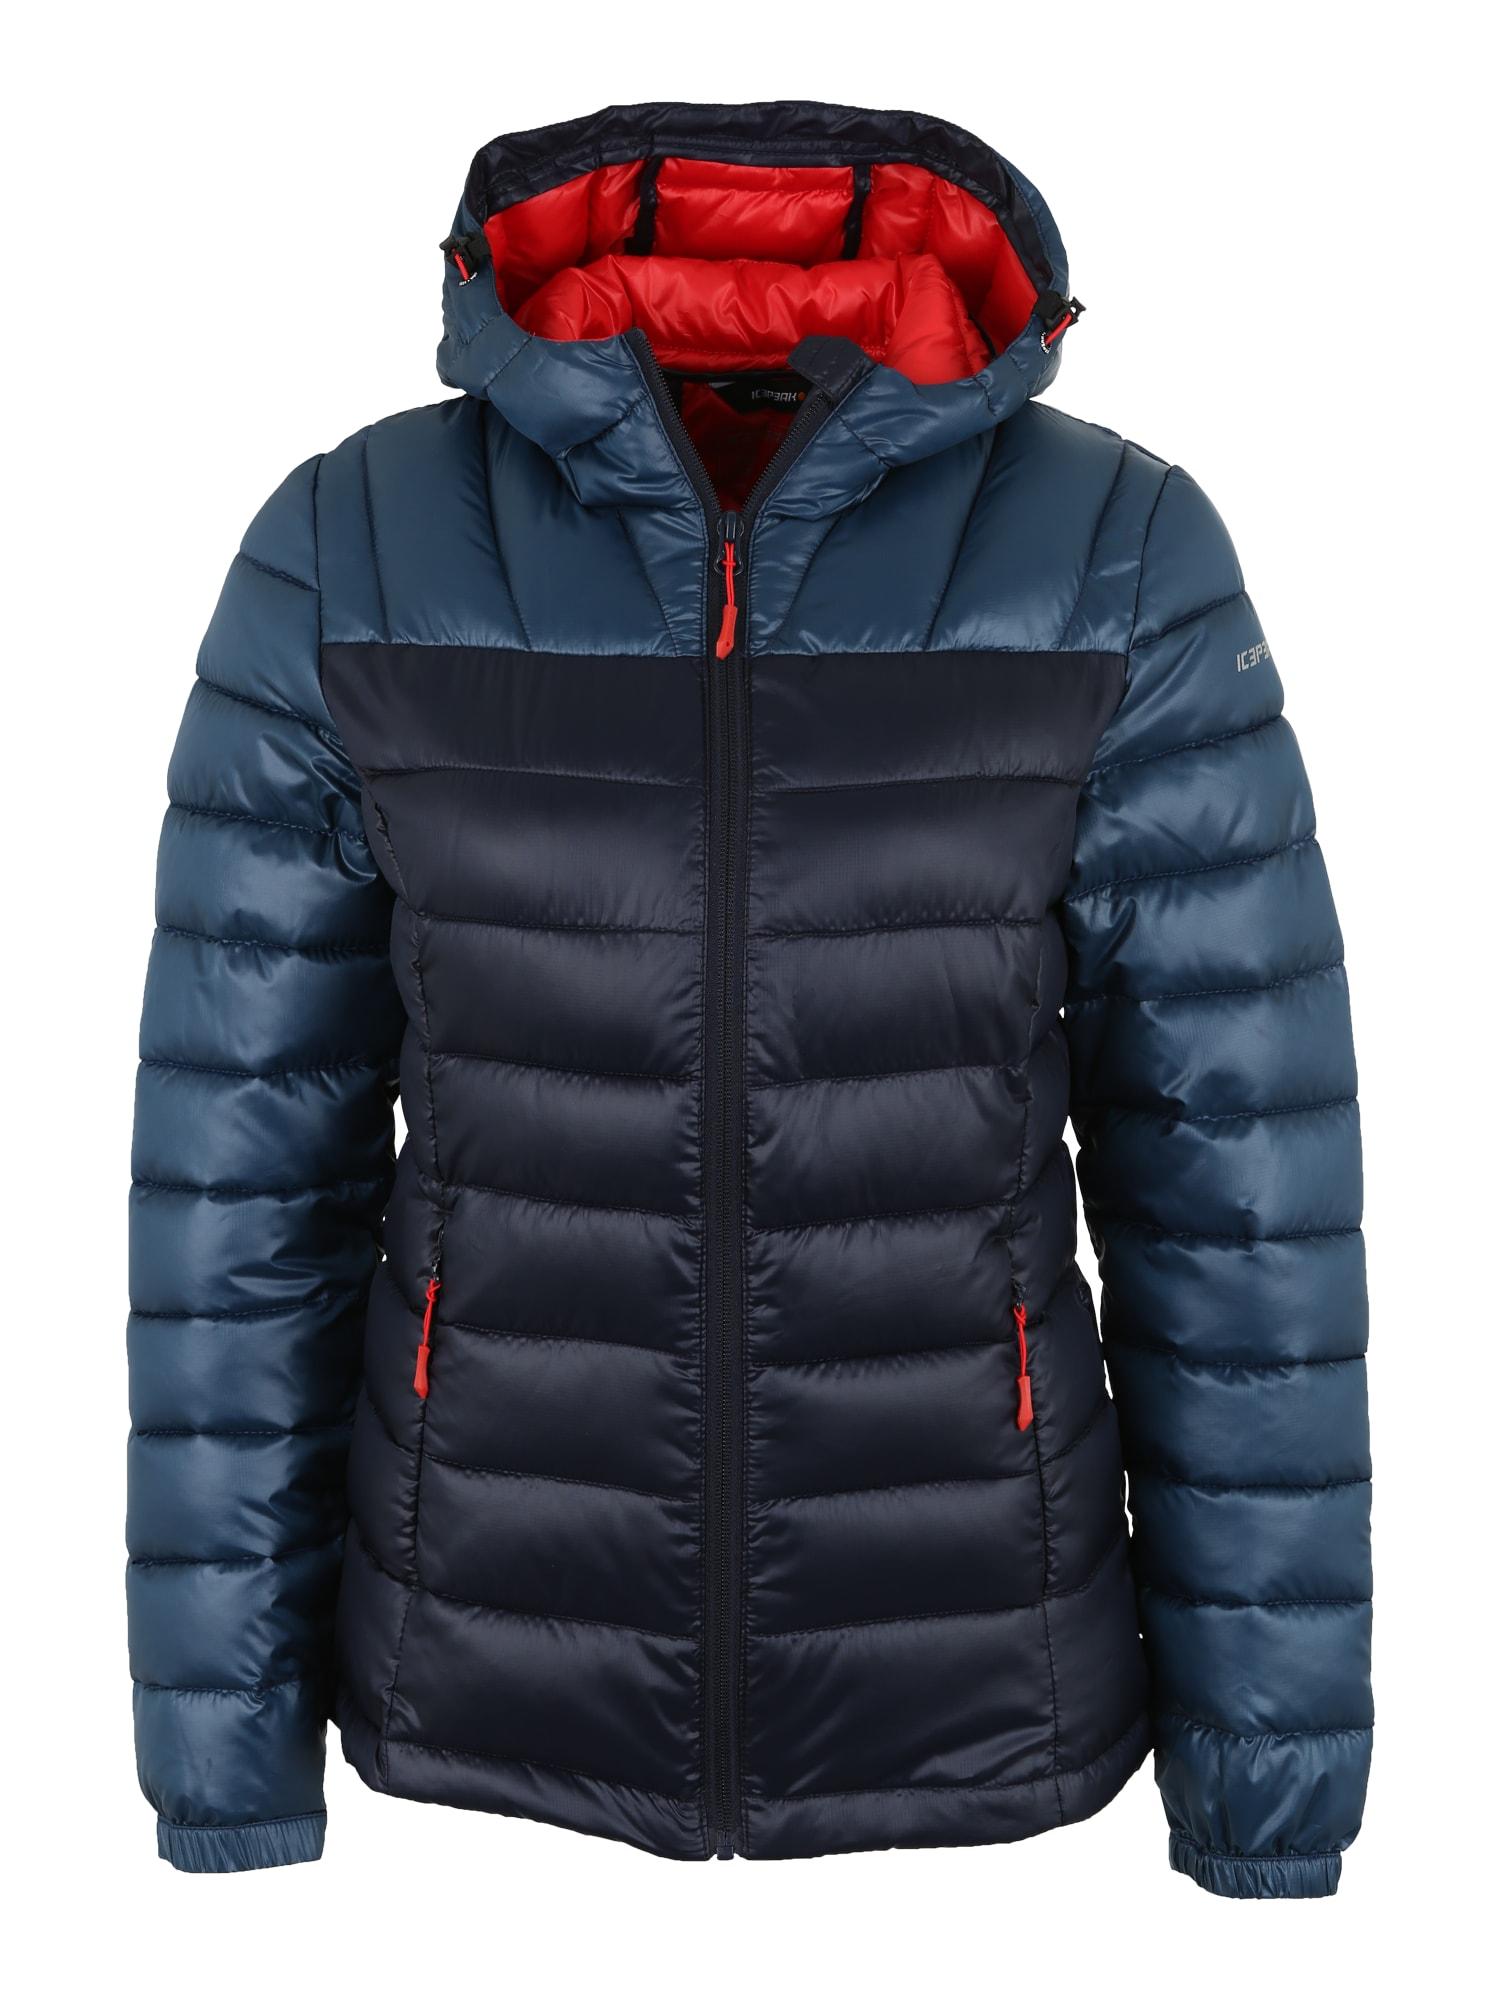 Outdoorová bunda Layan námořnická modř chladná modrá ICEPEAK